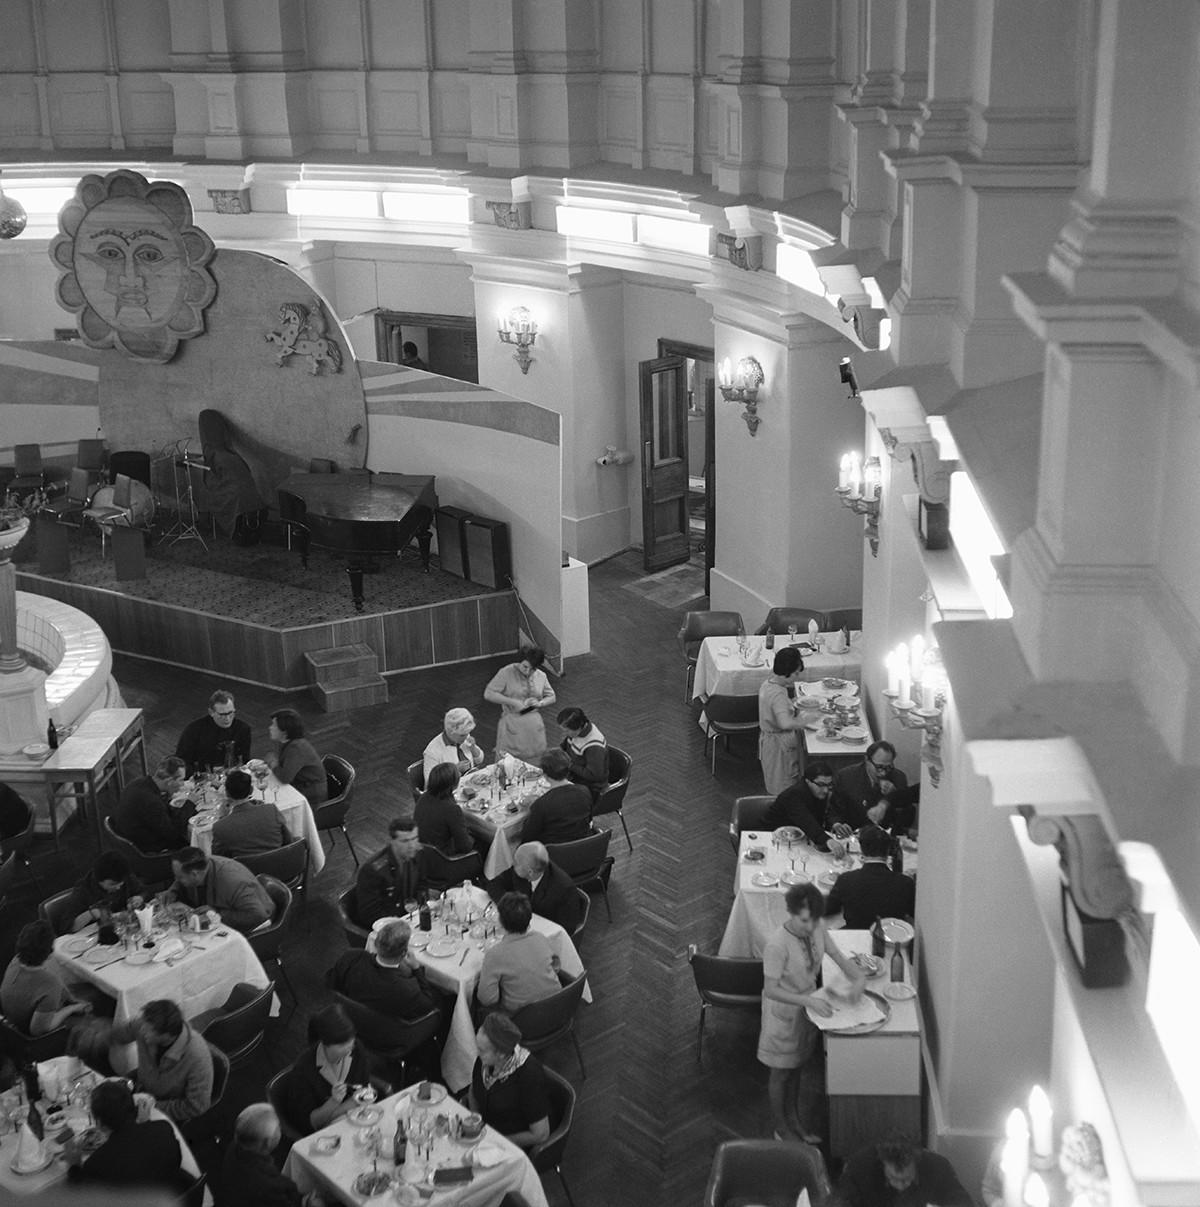 Restoran Bazar Slavyansky di Moskow, 1968.